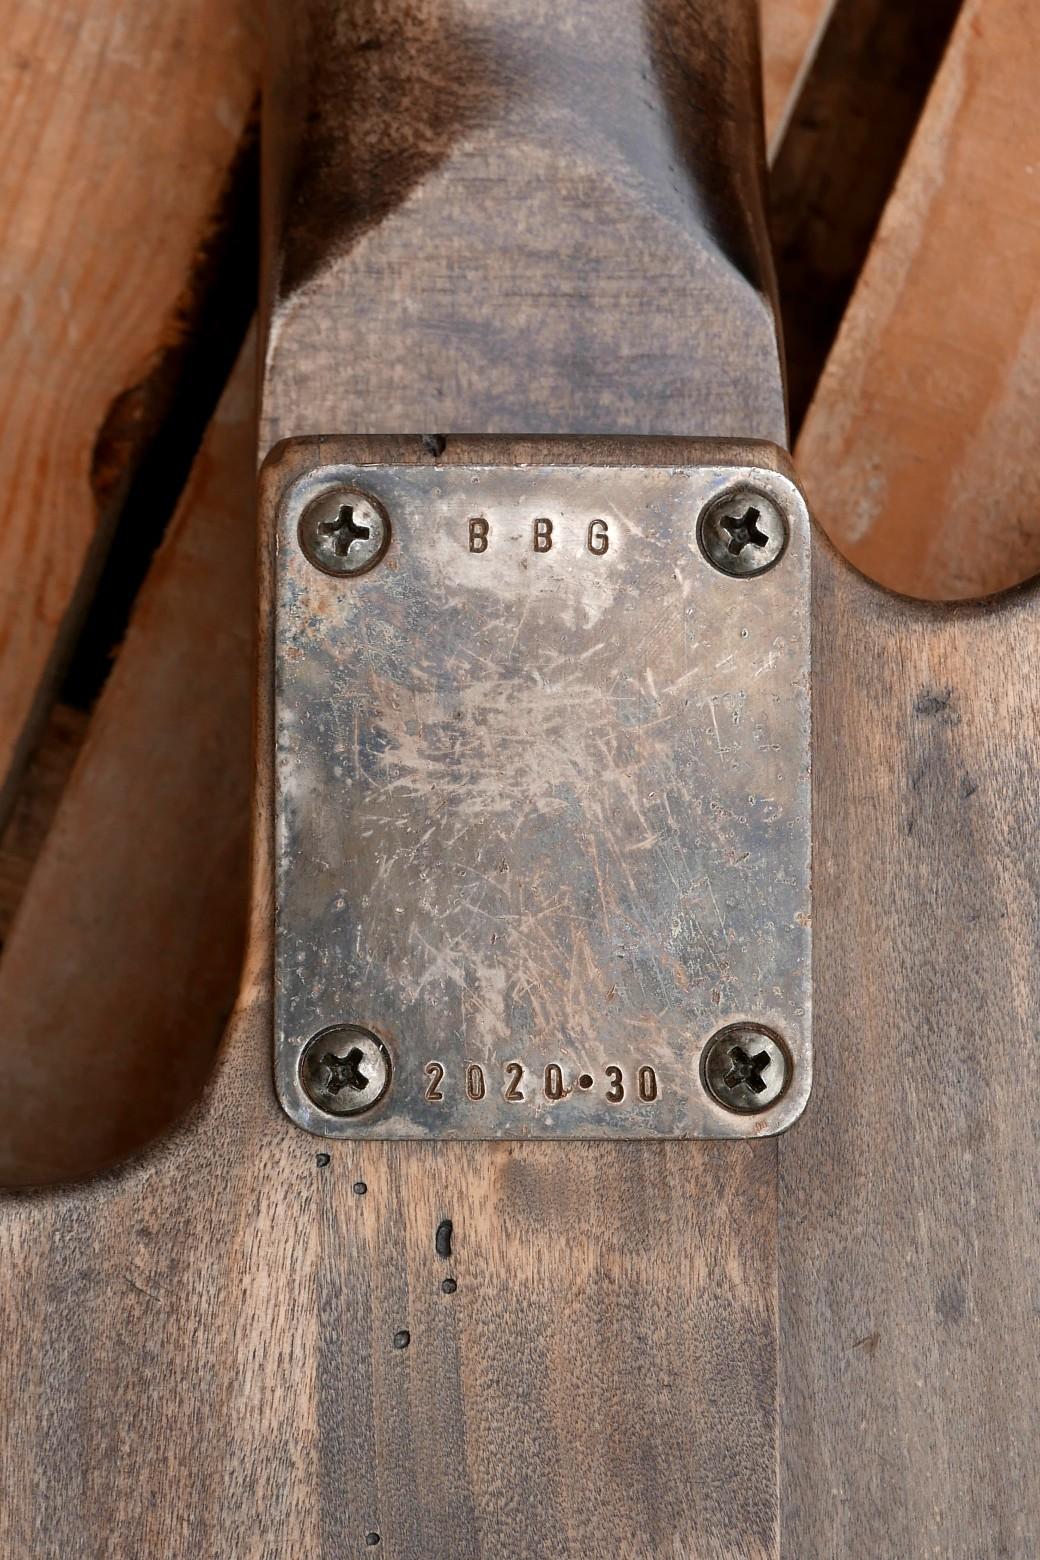 telecaster guitar neck plate